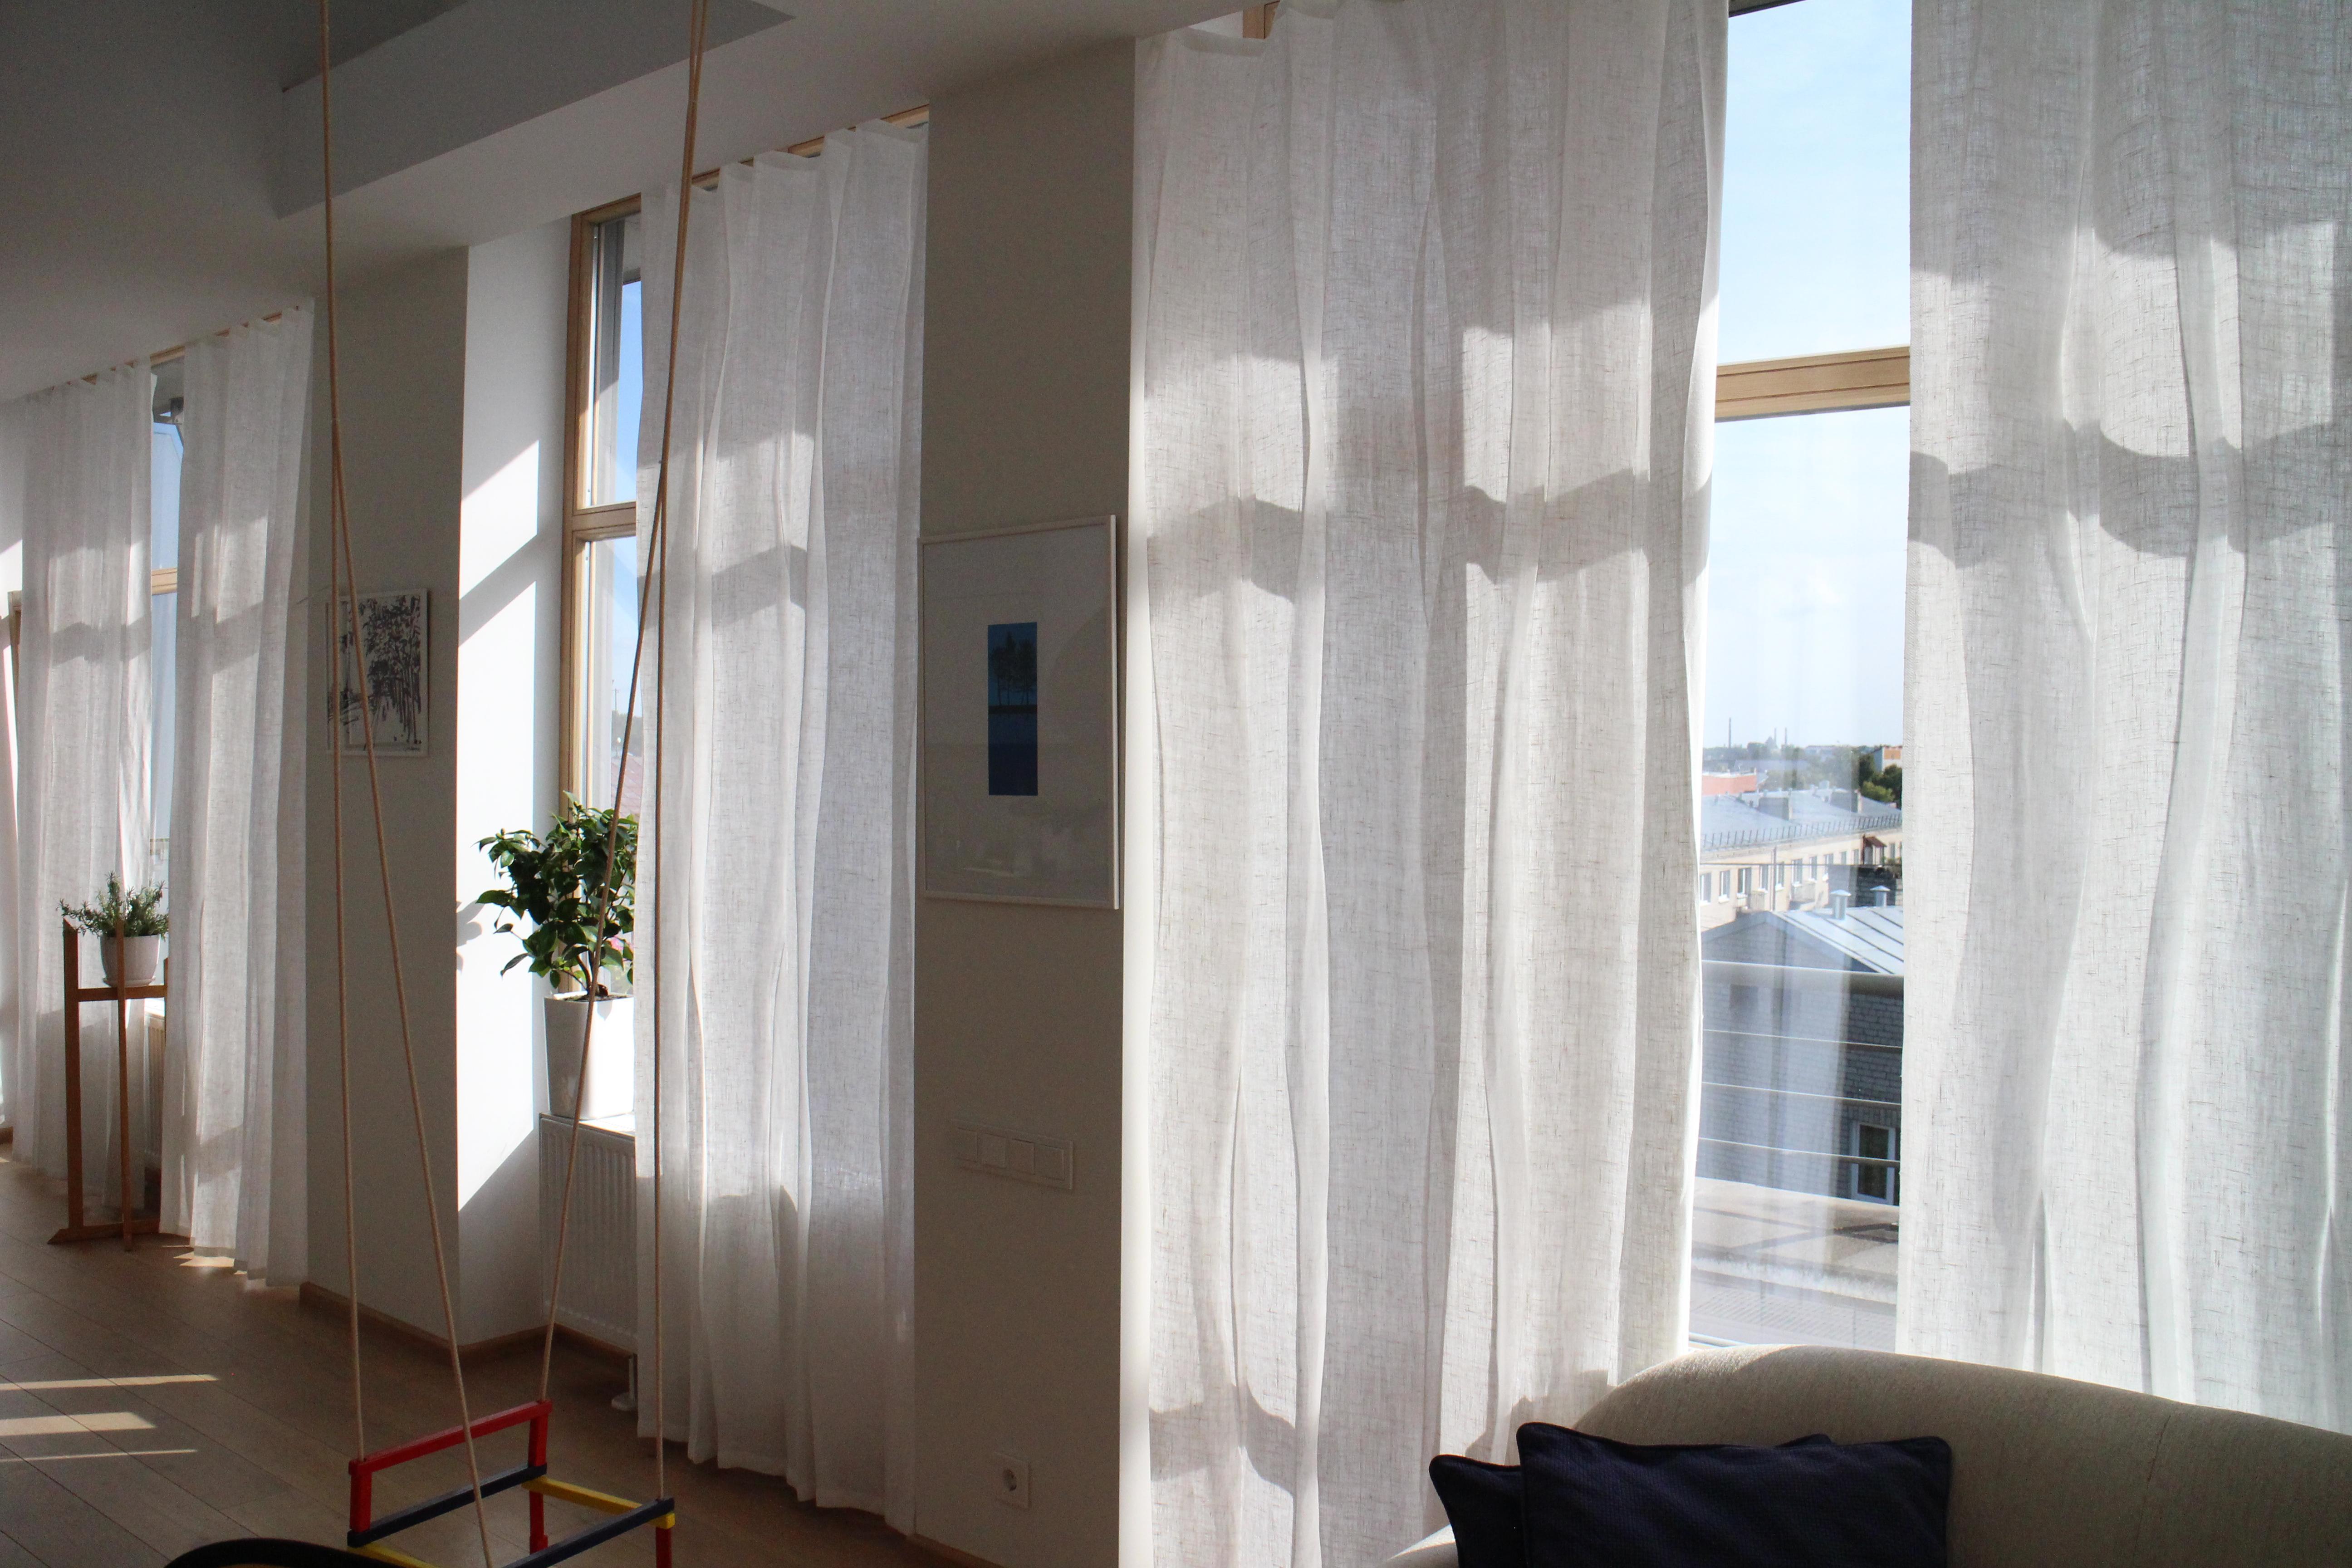 Leinengardinen 150x230 cm - weiß